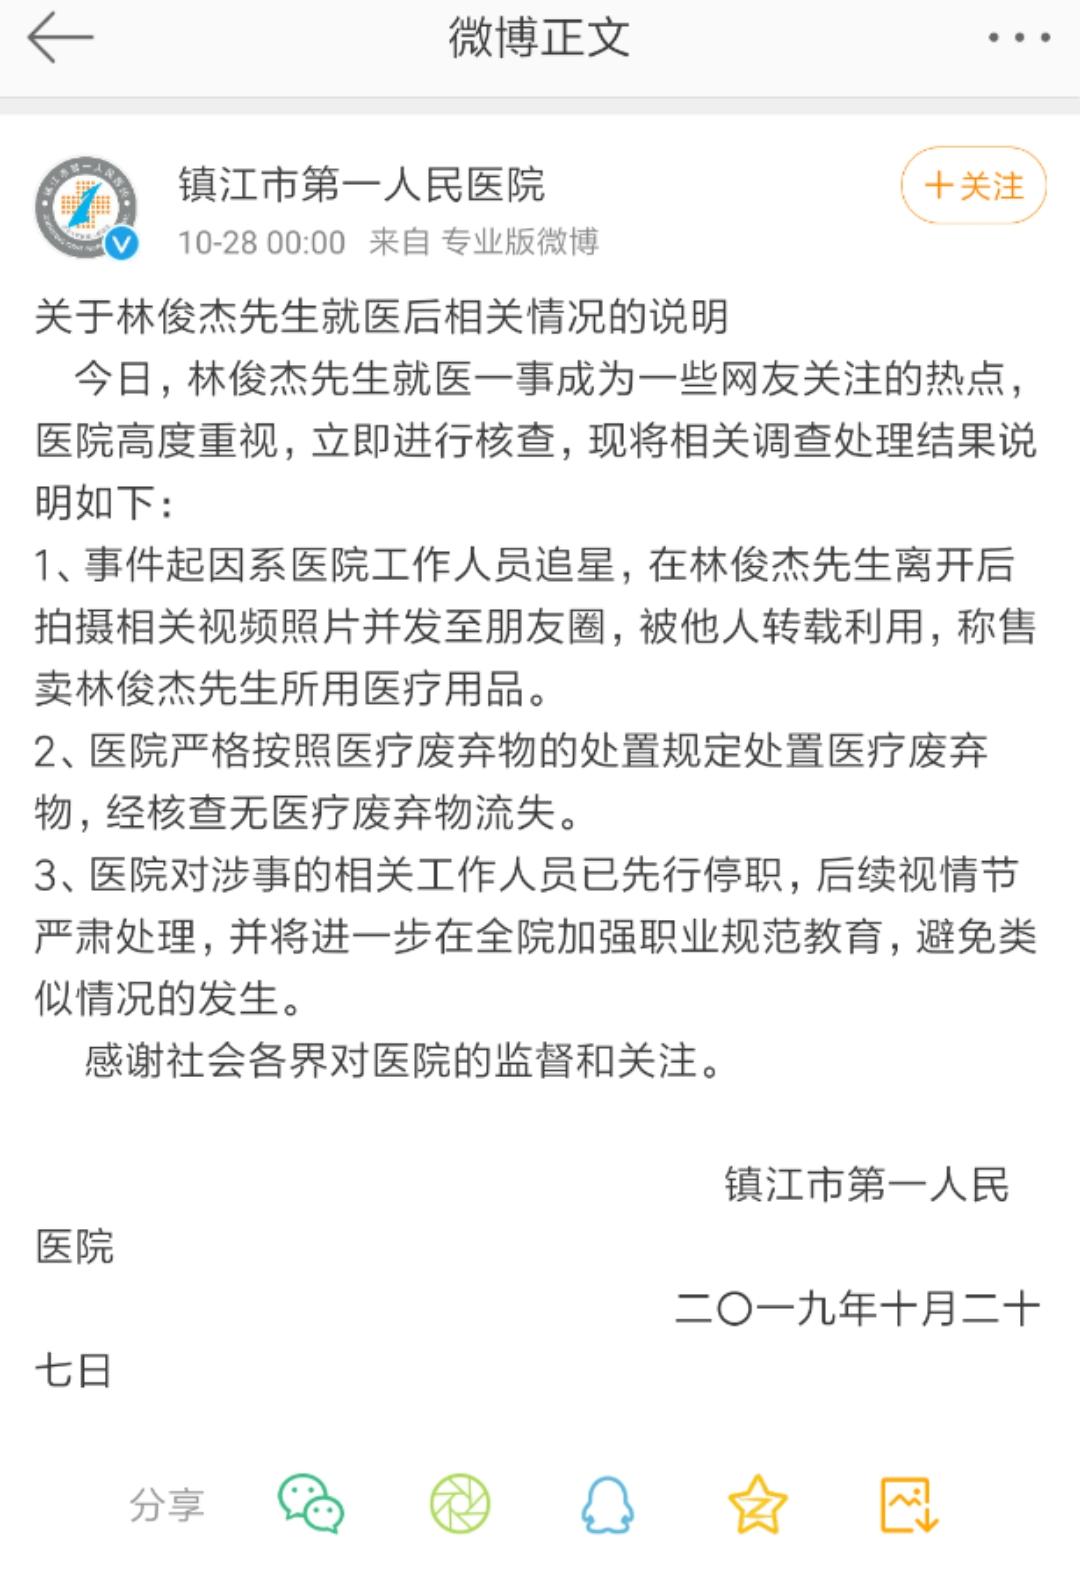 e世博网站登入|首都机场集团公司到雄安新区考察